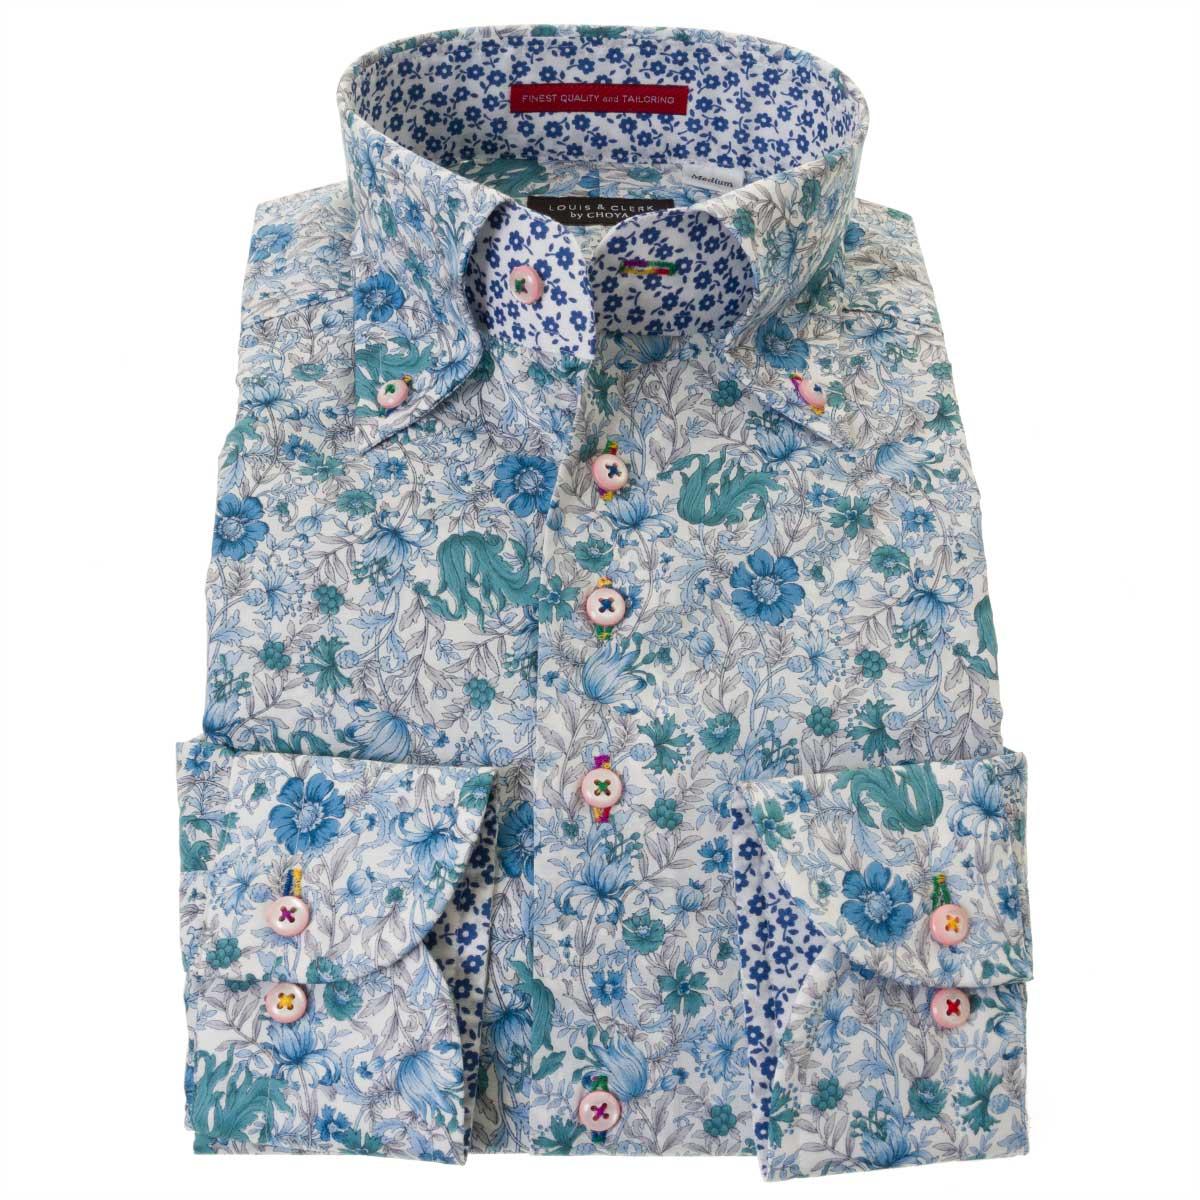 国産長袖ドレスシャツ 綿100% コンフォート ボタンダウンカラー 着丈短め ポプリン ブルー プリント フラワー ボタニカル  メンズ